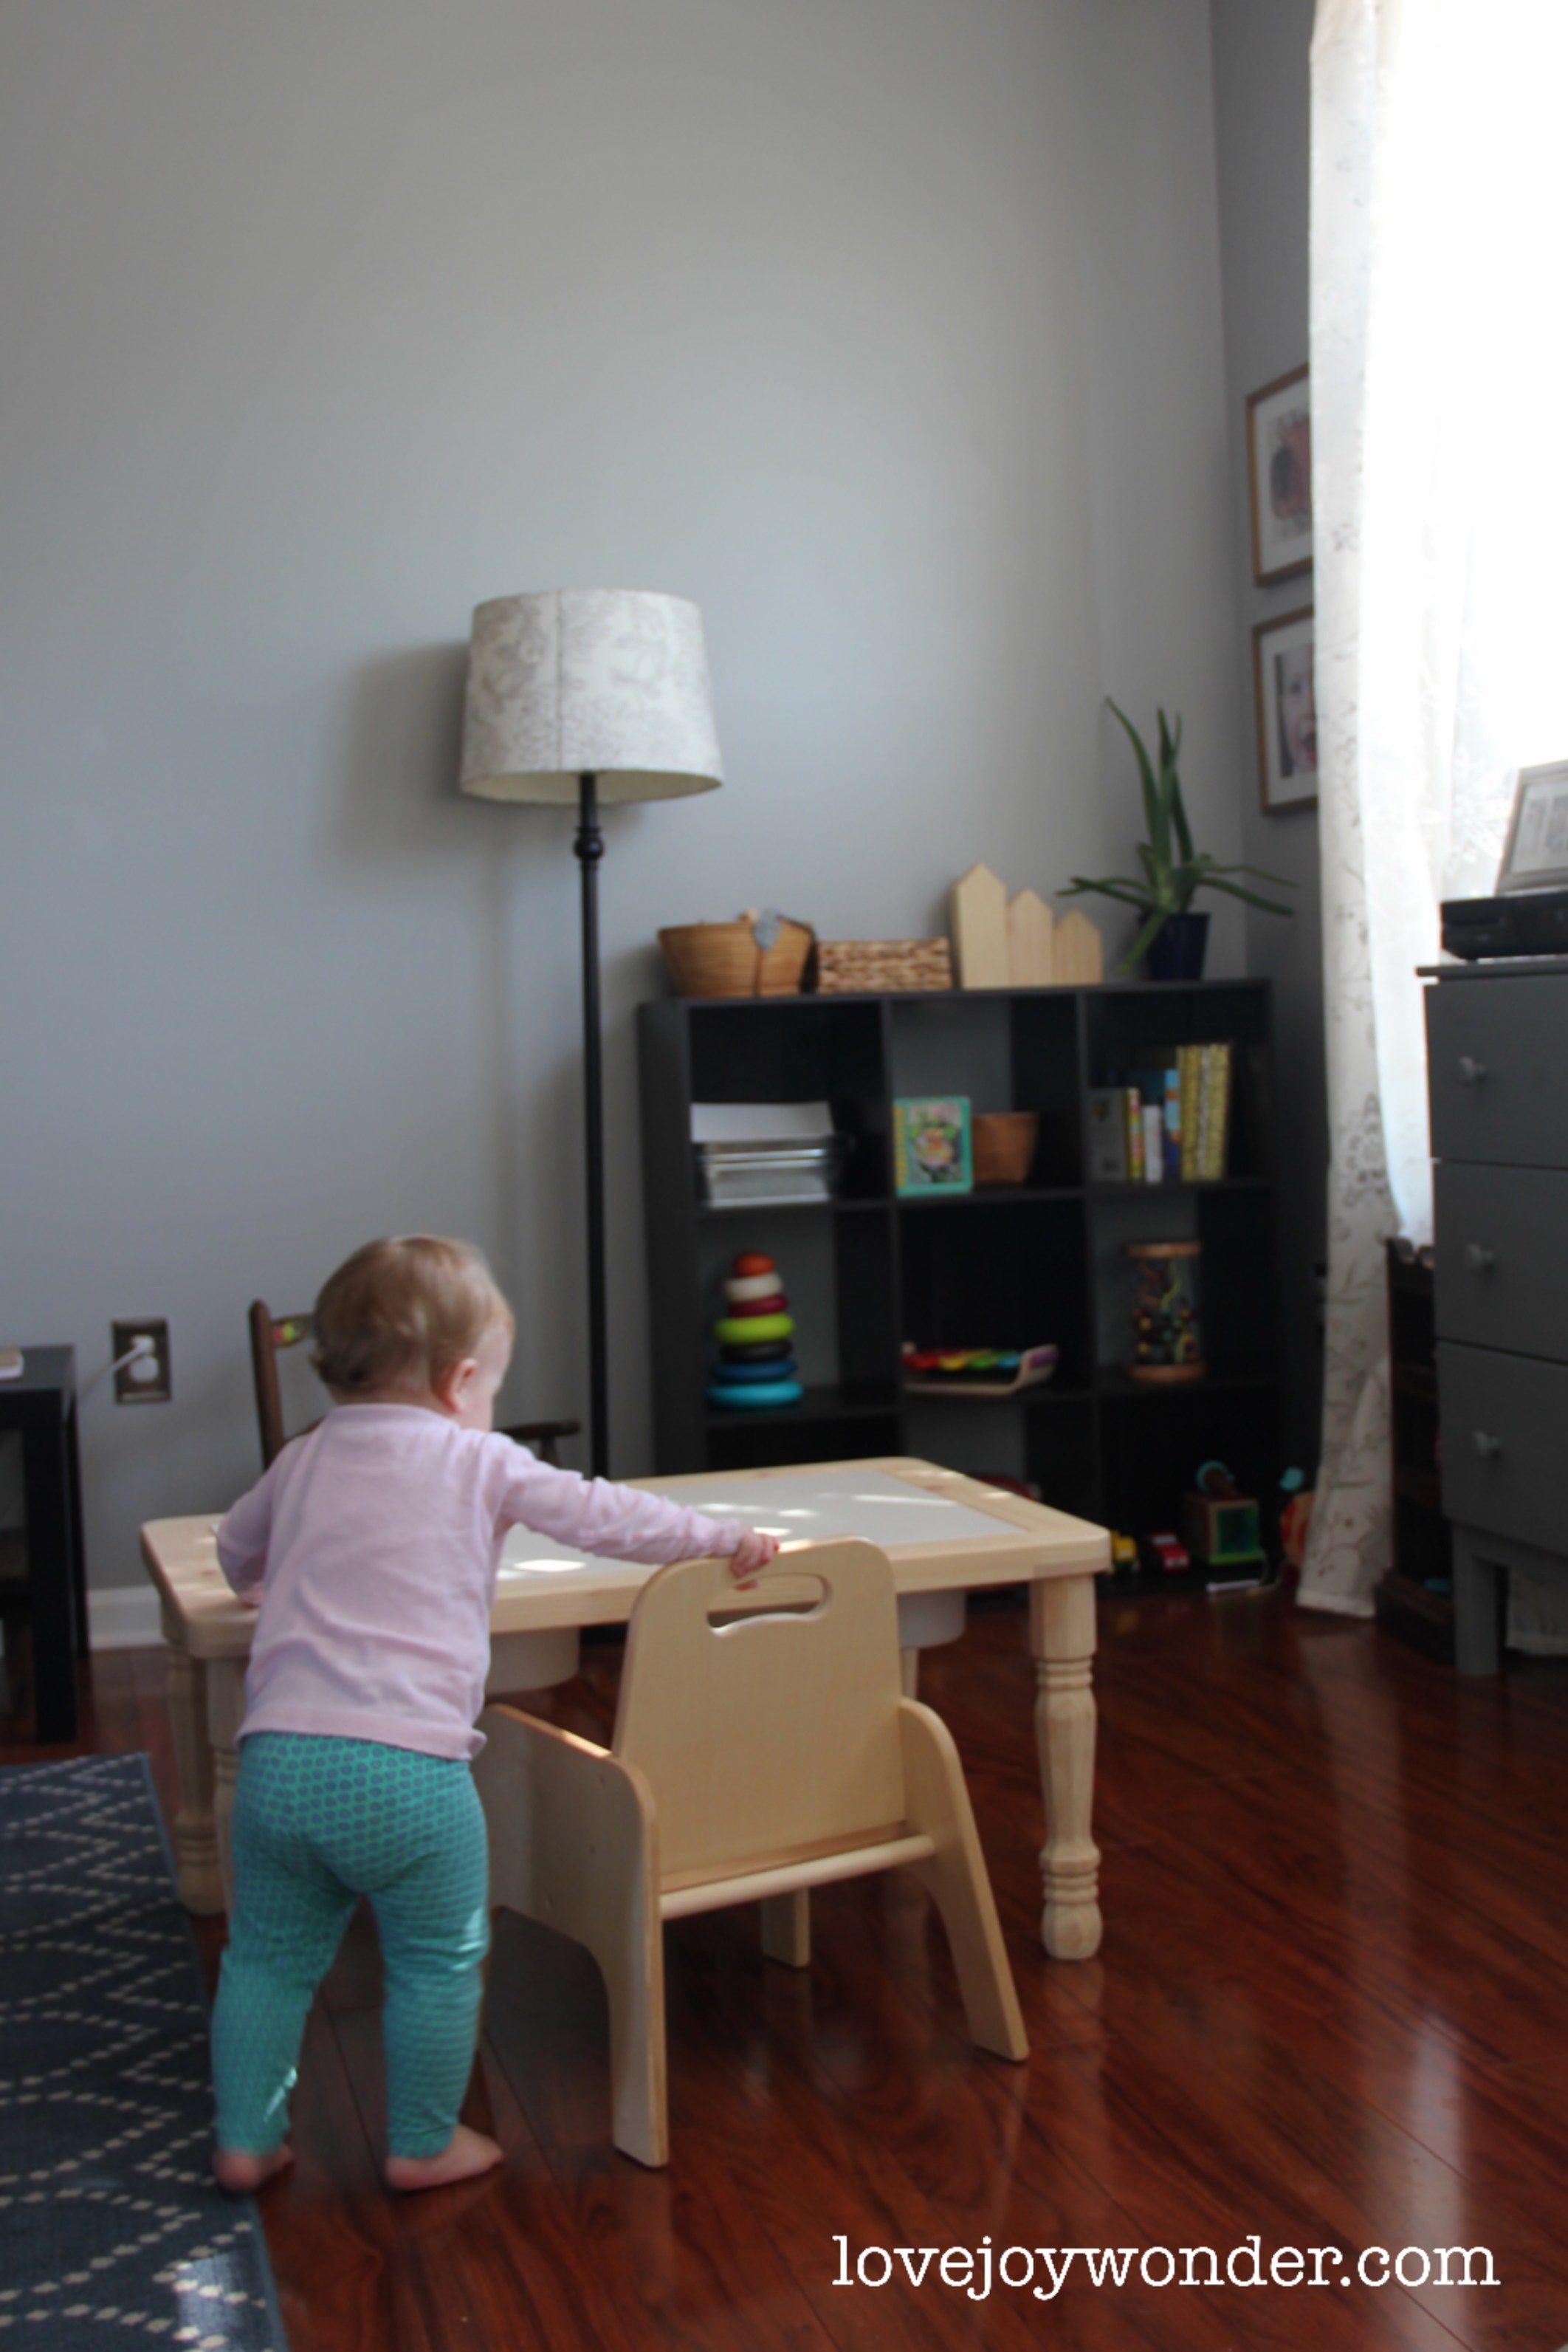 Montessori RIE and Reggio Emilia inspired spaces